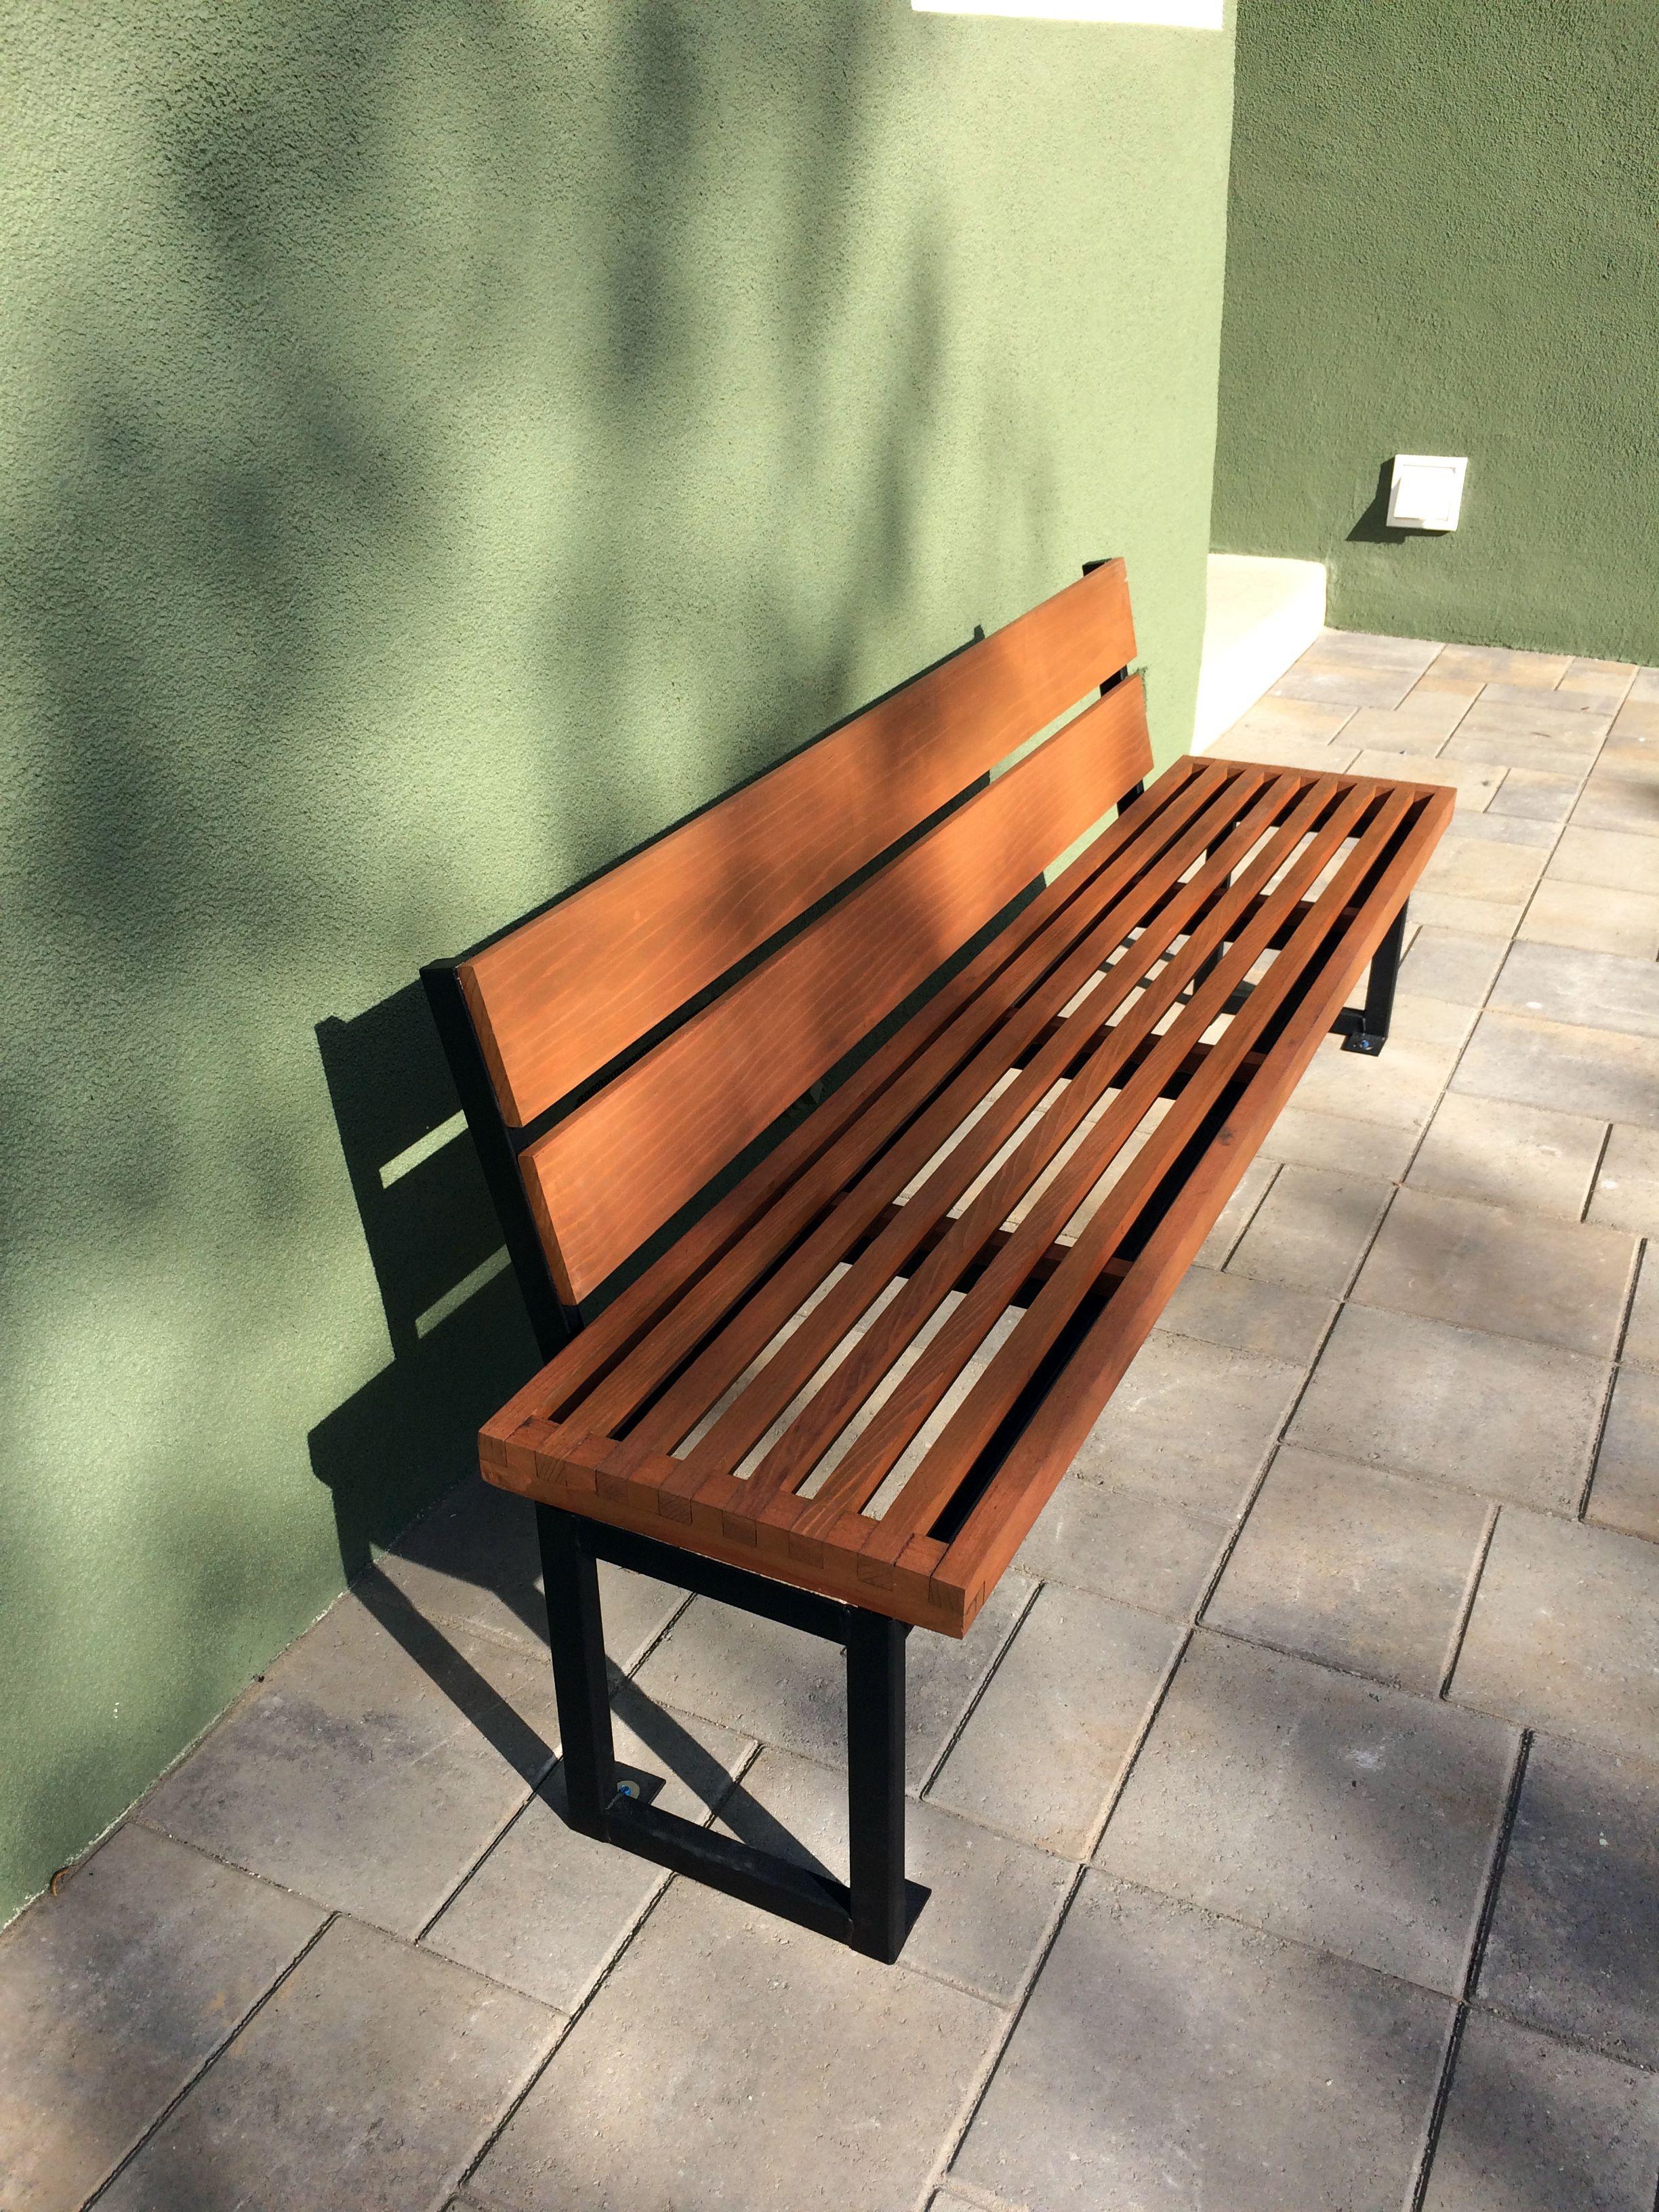 Terrific Handmade Modern Outdoor Bench By Heirloom Carpentry Inzonedesignstudio Interior Chair Design Inzonedesignstudiocom